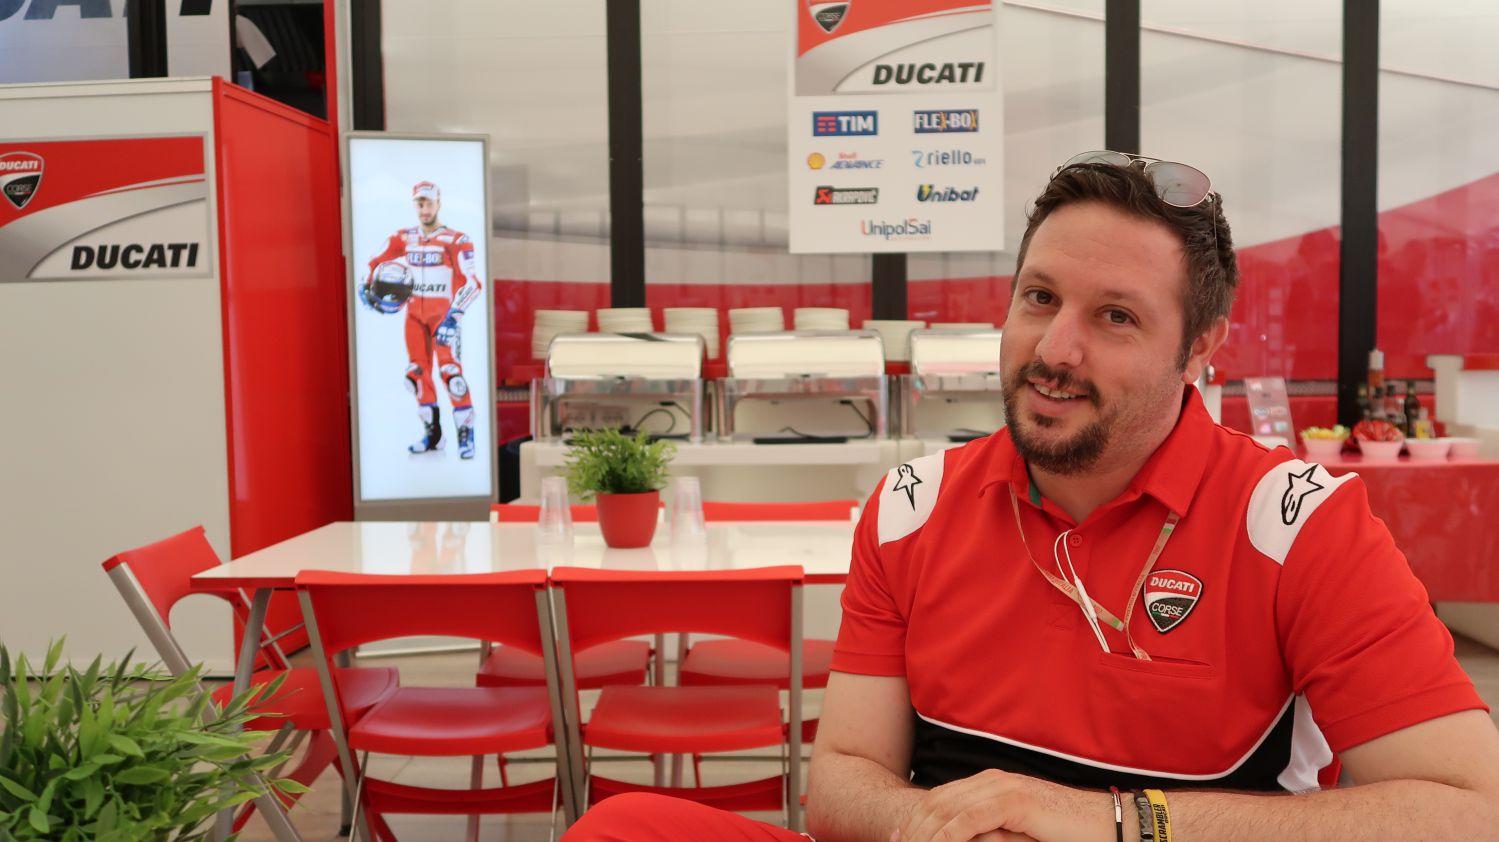 """Ducati Corse: la """"vita segreta"""" dell'IT manager. Perché il suo lavoro è così importante? thumbnail"""